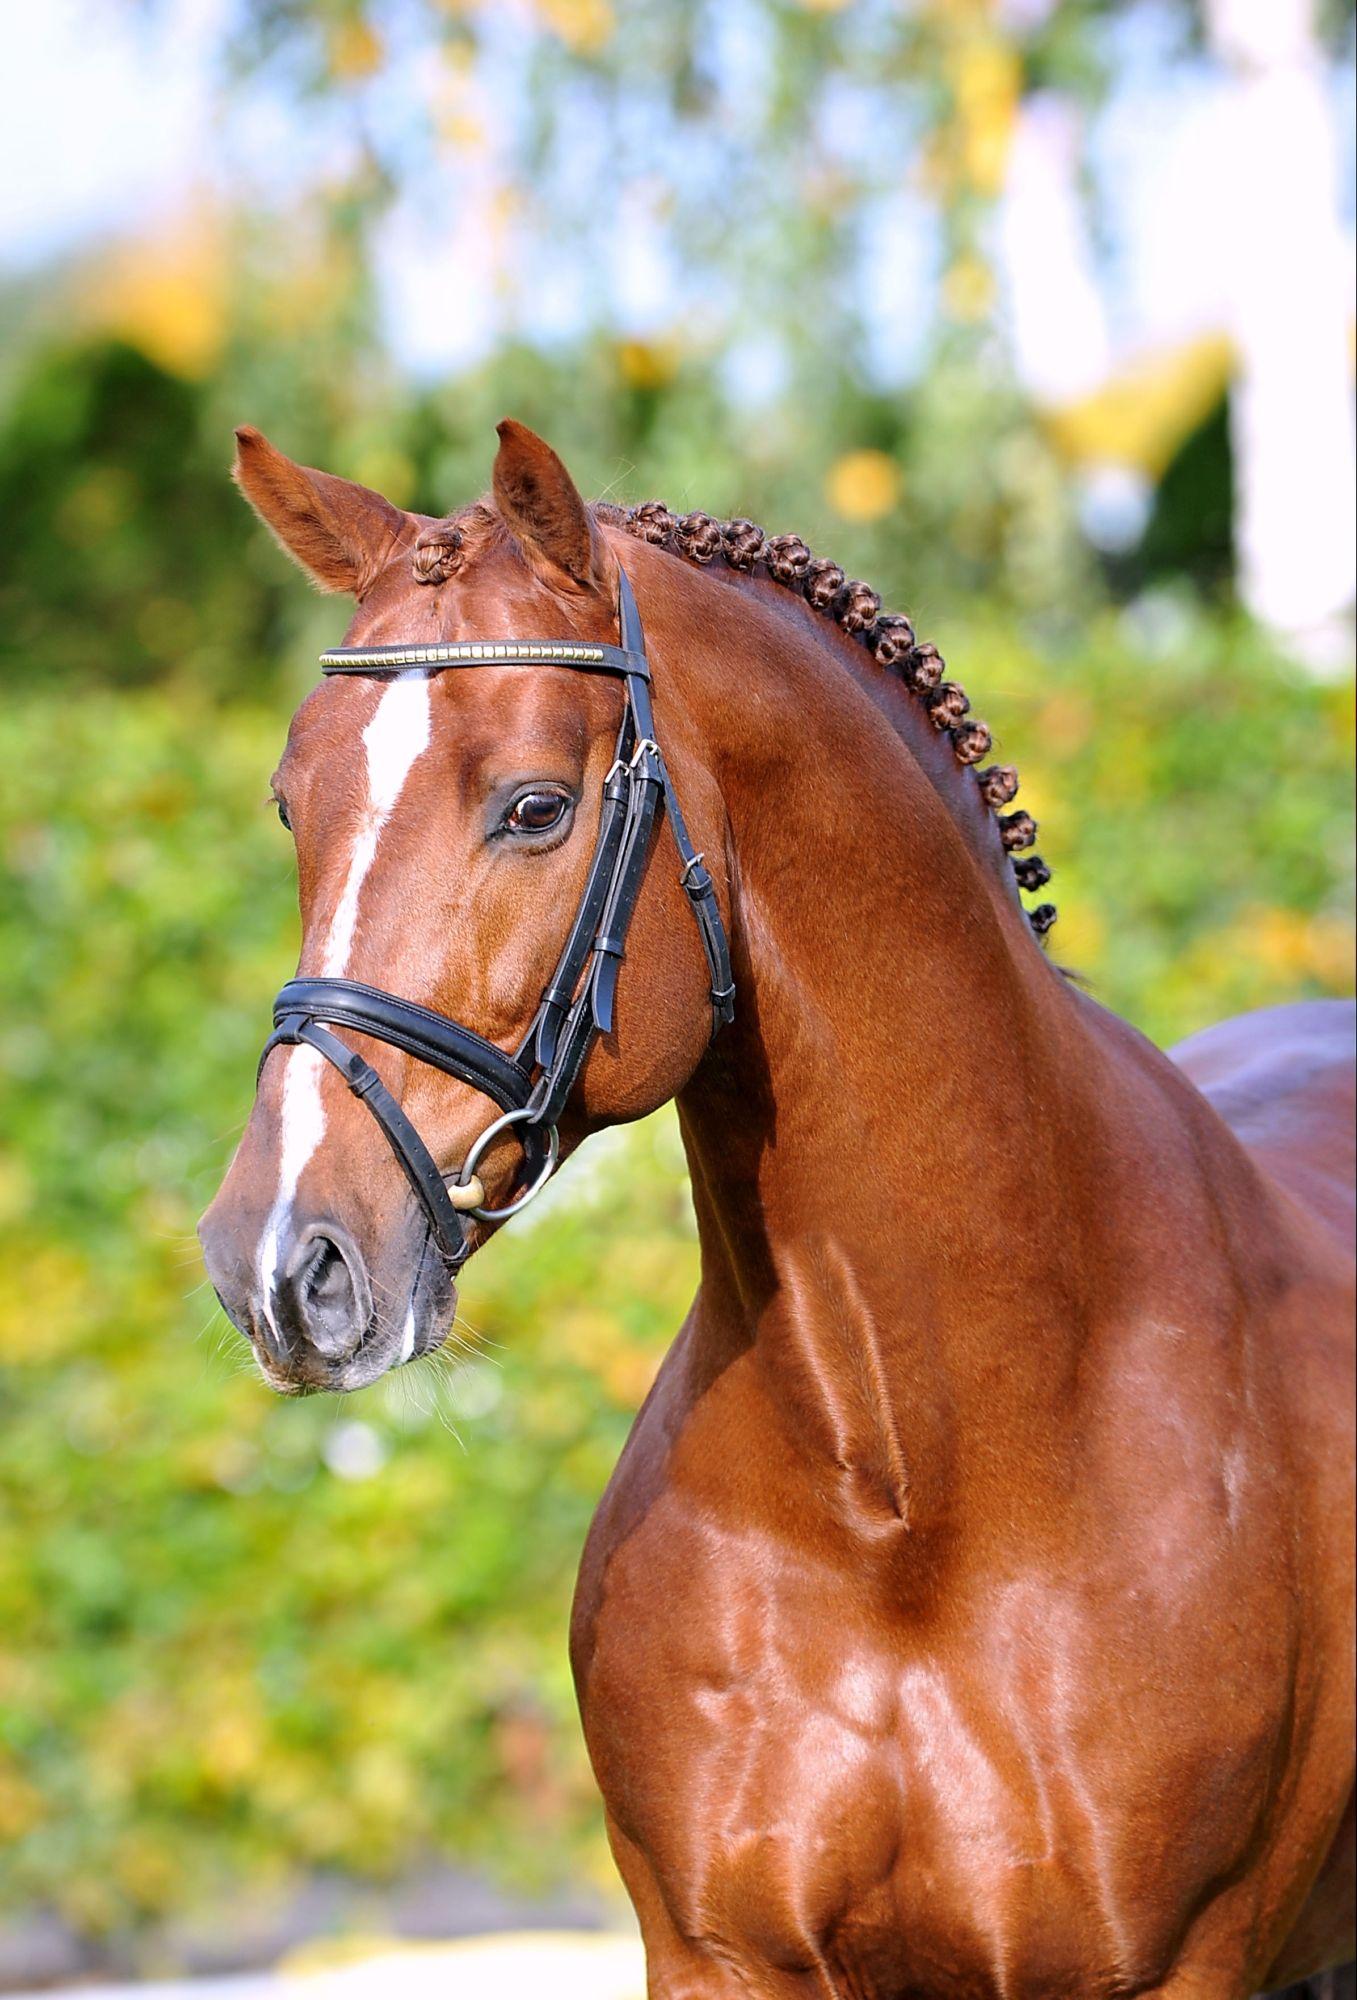 Zinedine Kwpn Chestnut Born 2004 About 168 Cm Pferde